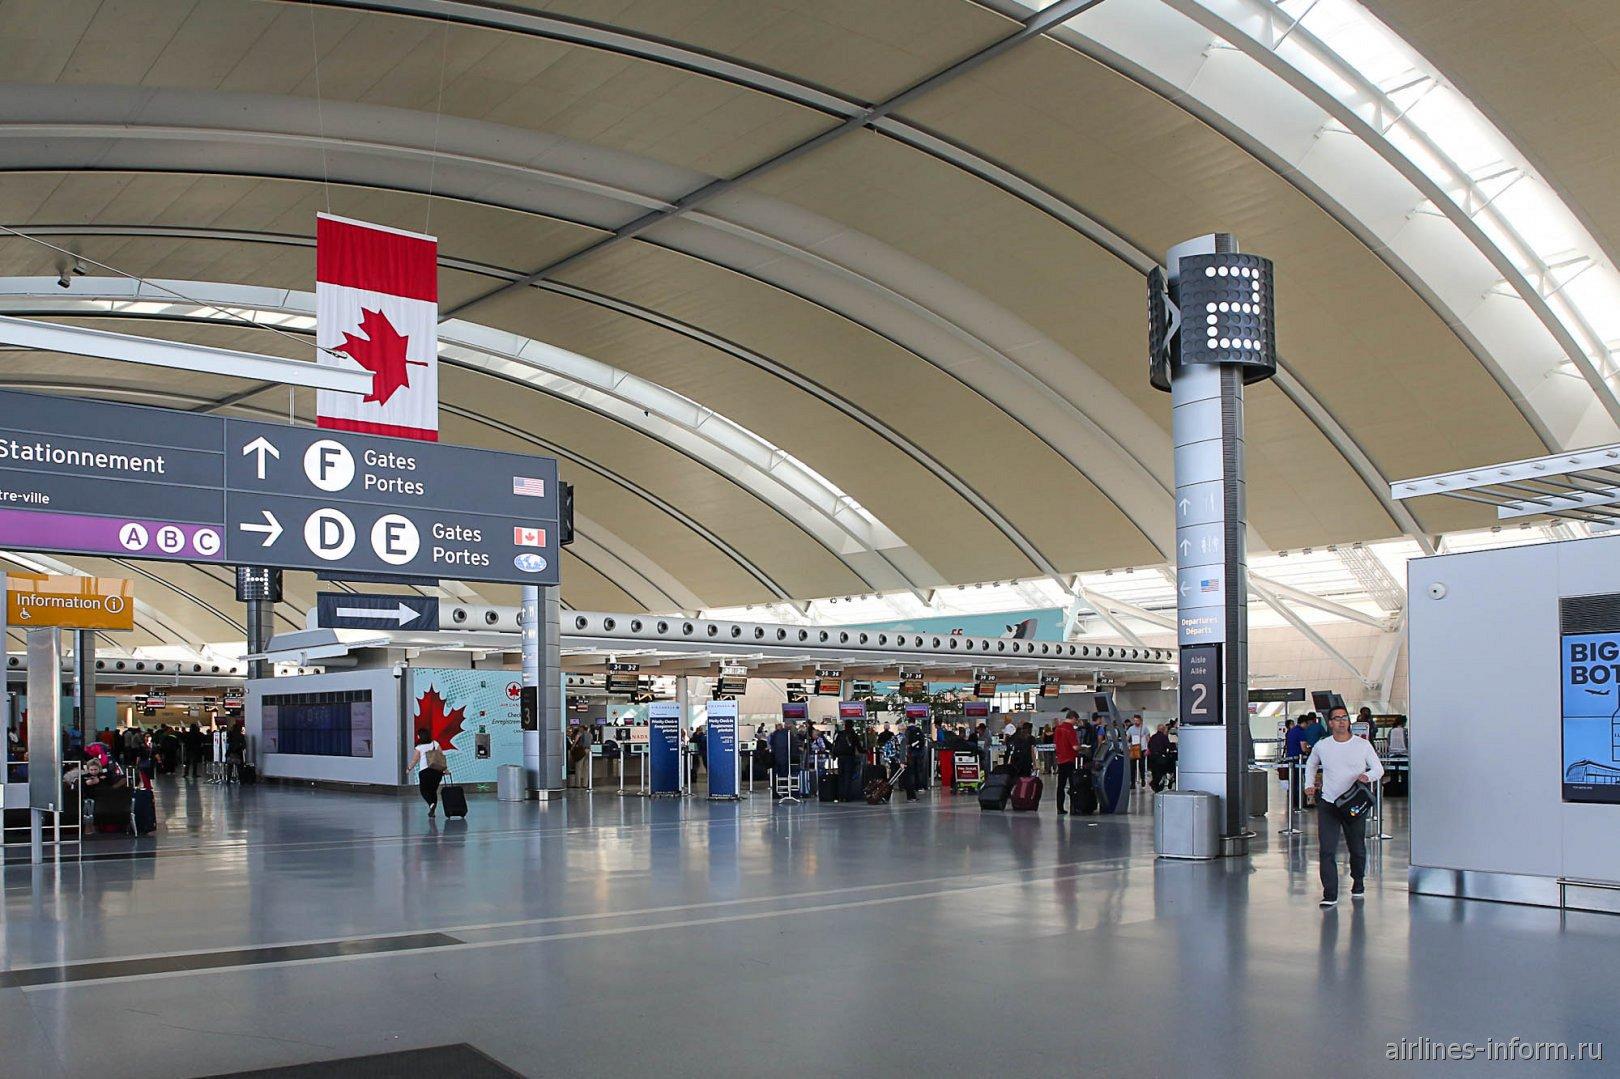 Стойки регистрации авиакомпании Air Canada в терминале 1 аэропорта Торонто Пирсон